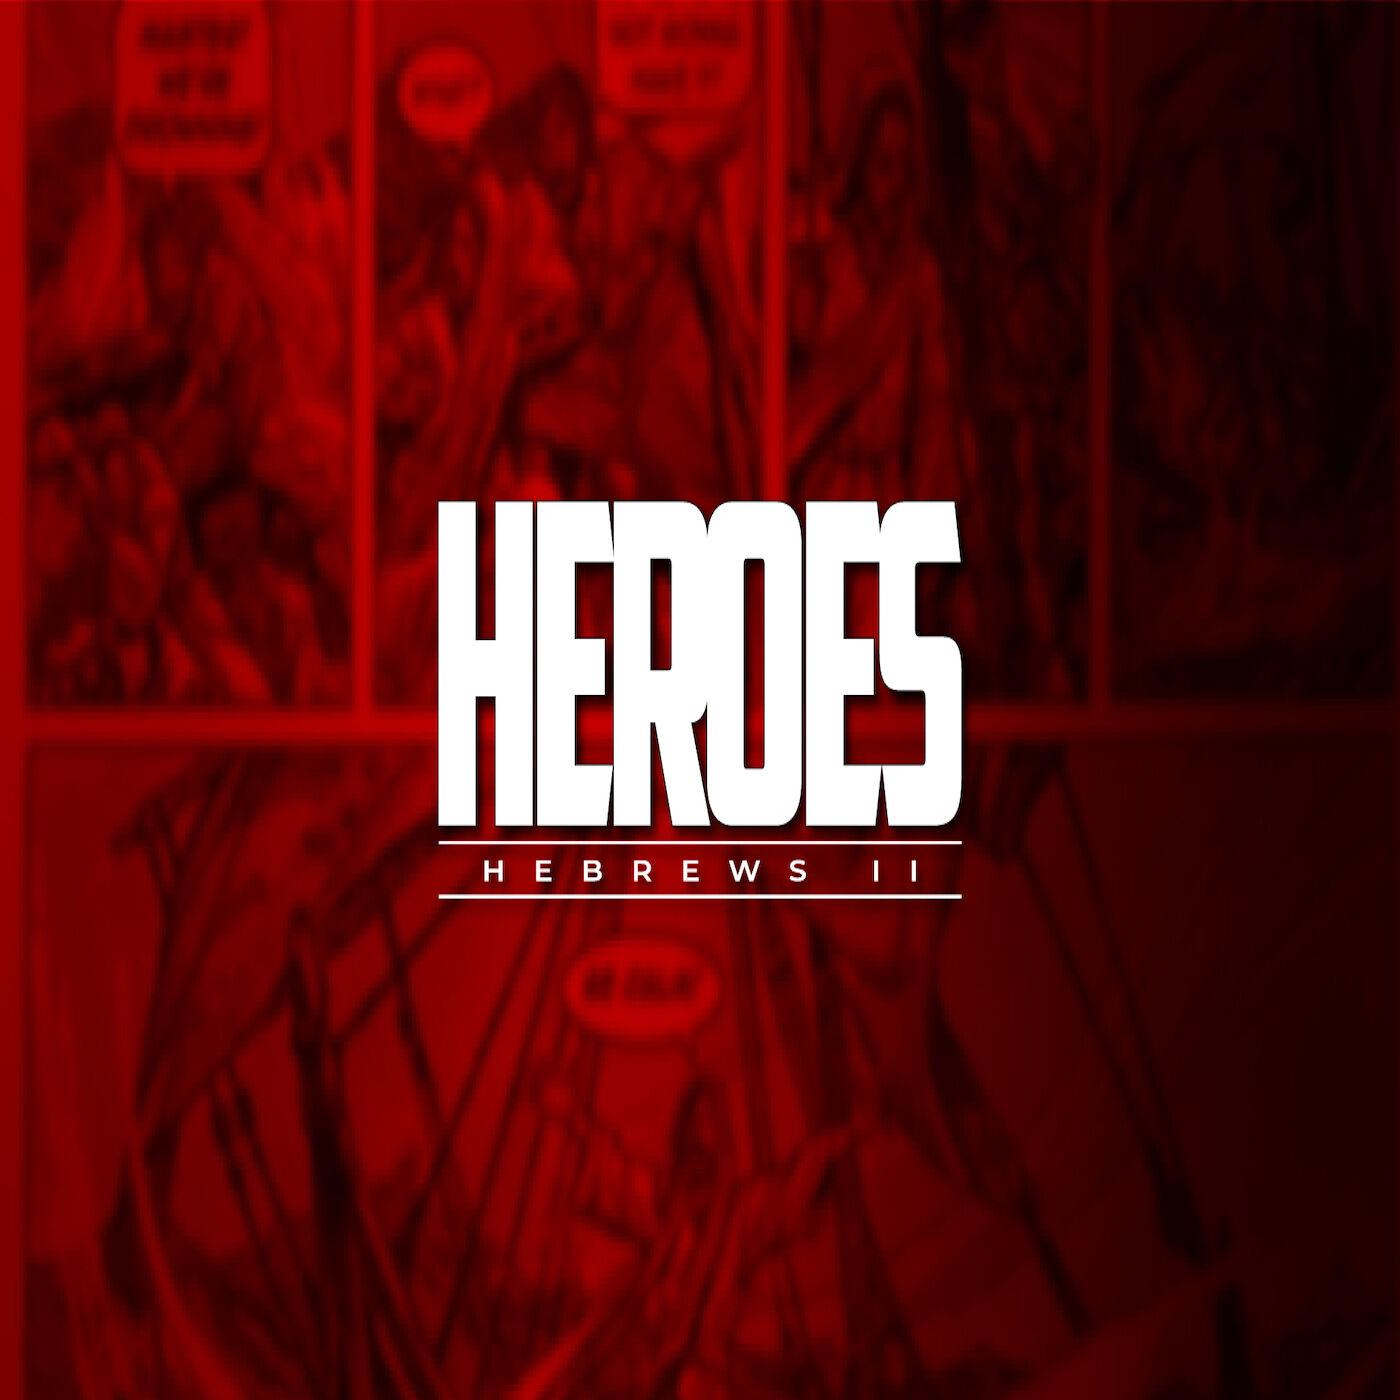 Heroes (Hebrews 11:23-12:2)